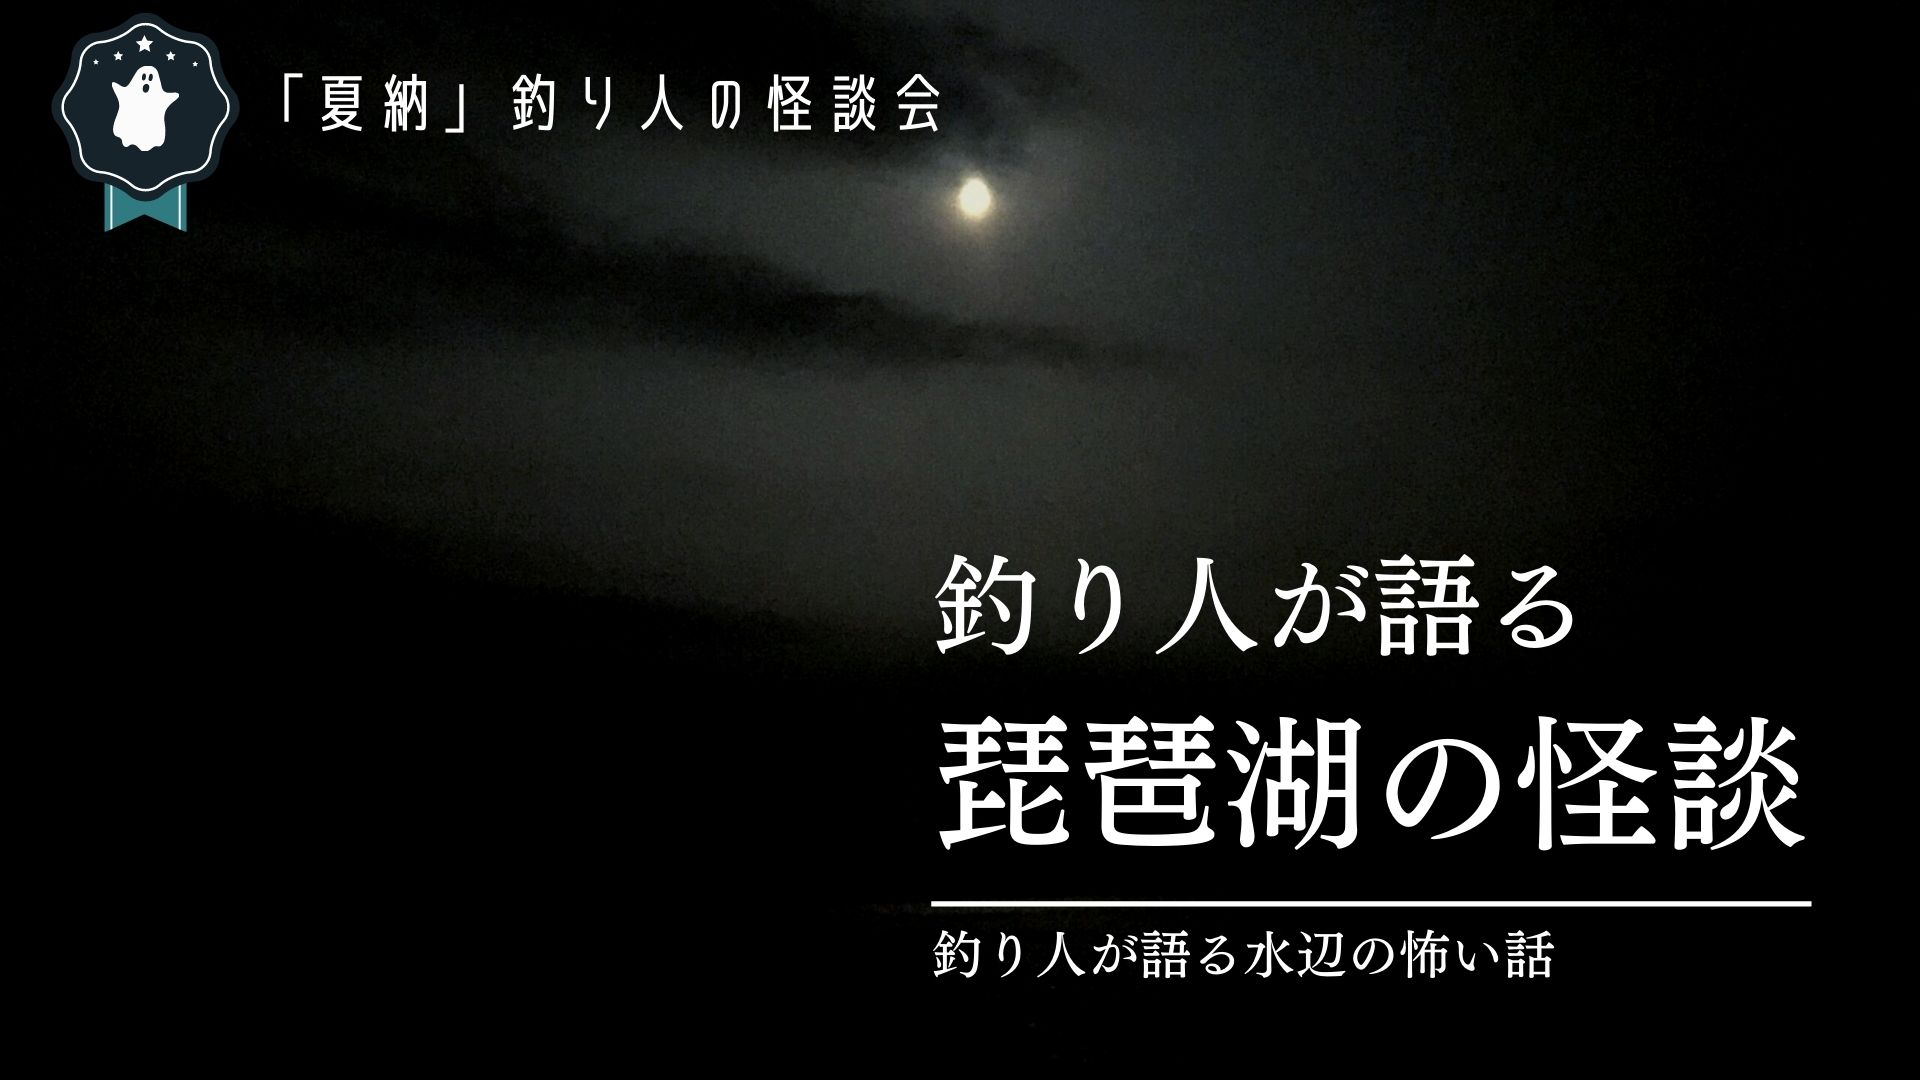 釣り人が体験した琵琶湖の怖い話!釣り人が水辺で体験した怪談会